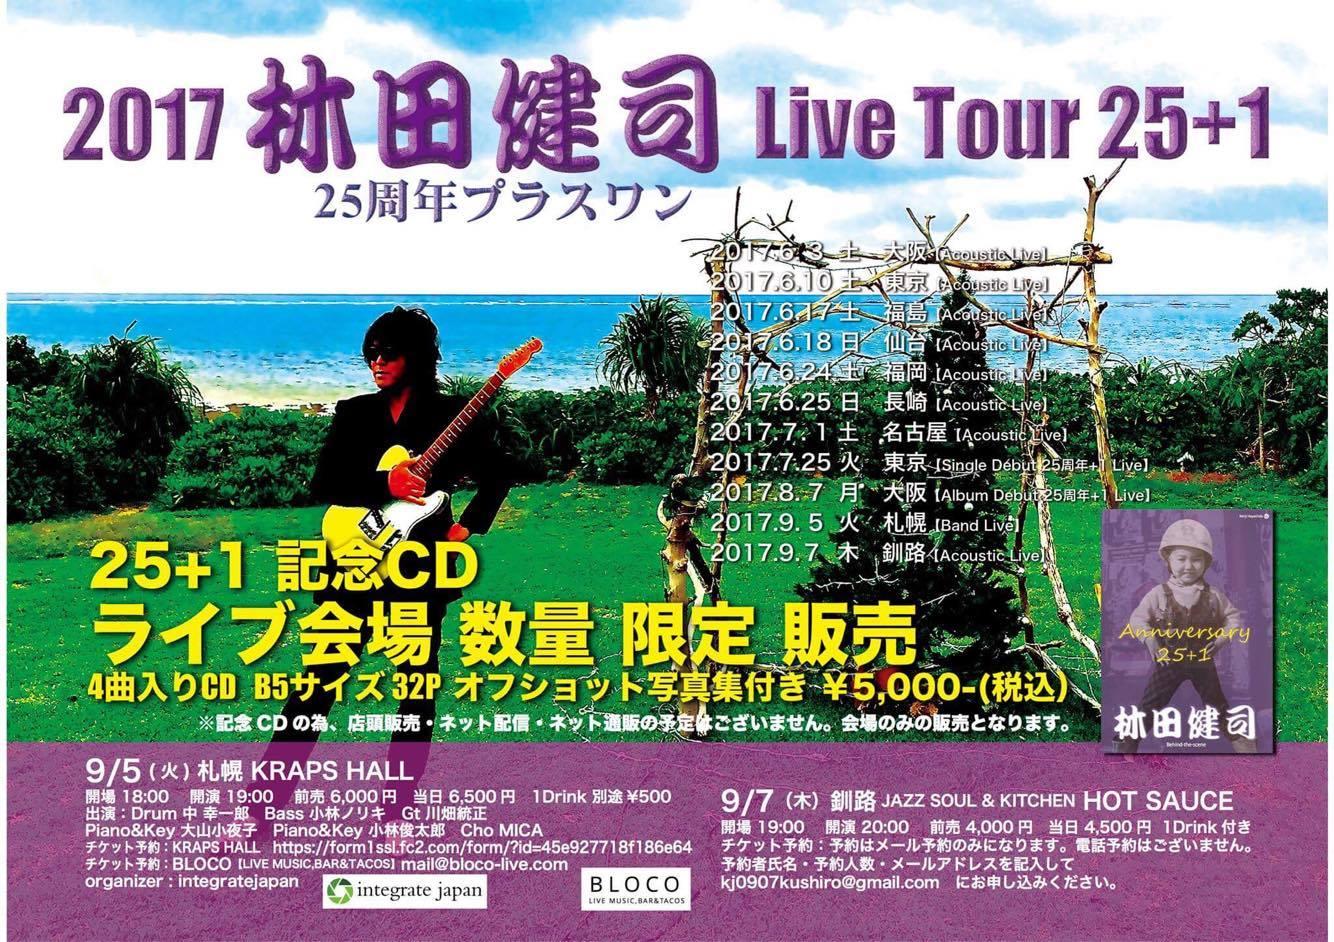 【終了】[2017.9.5 TUE] 2017 林田健司 Live Tour 25+1「25周年プラスワン」